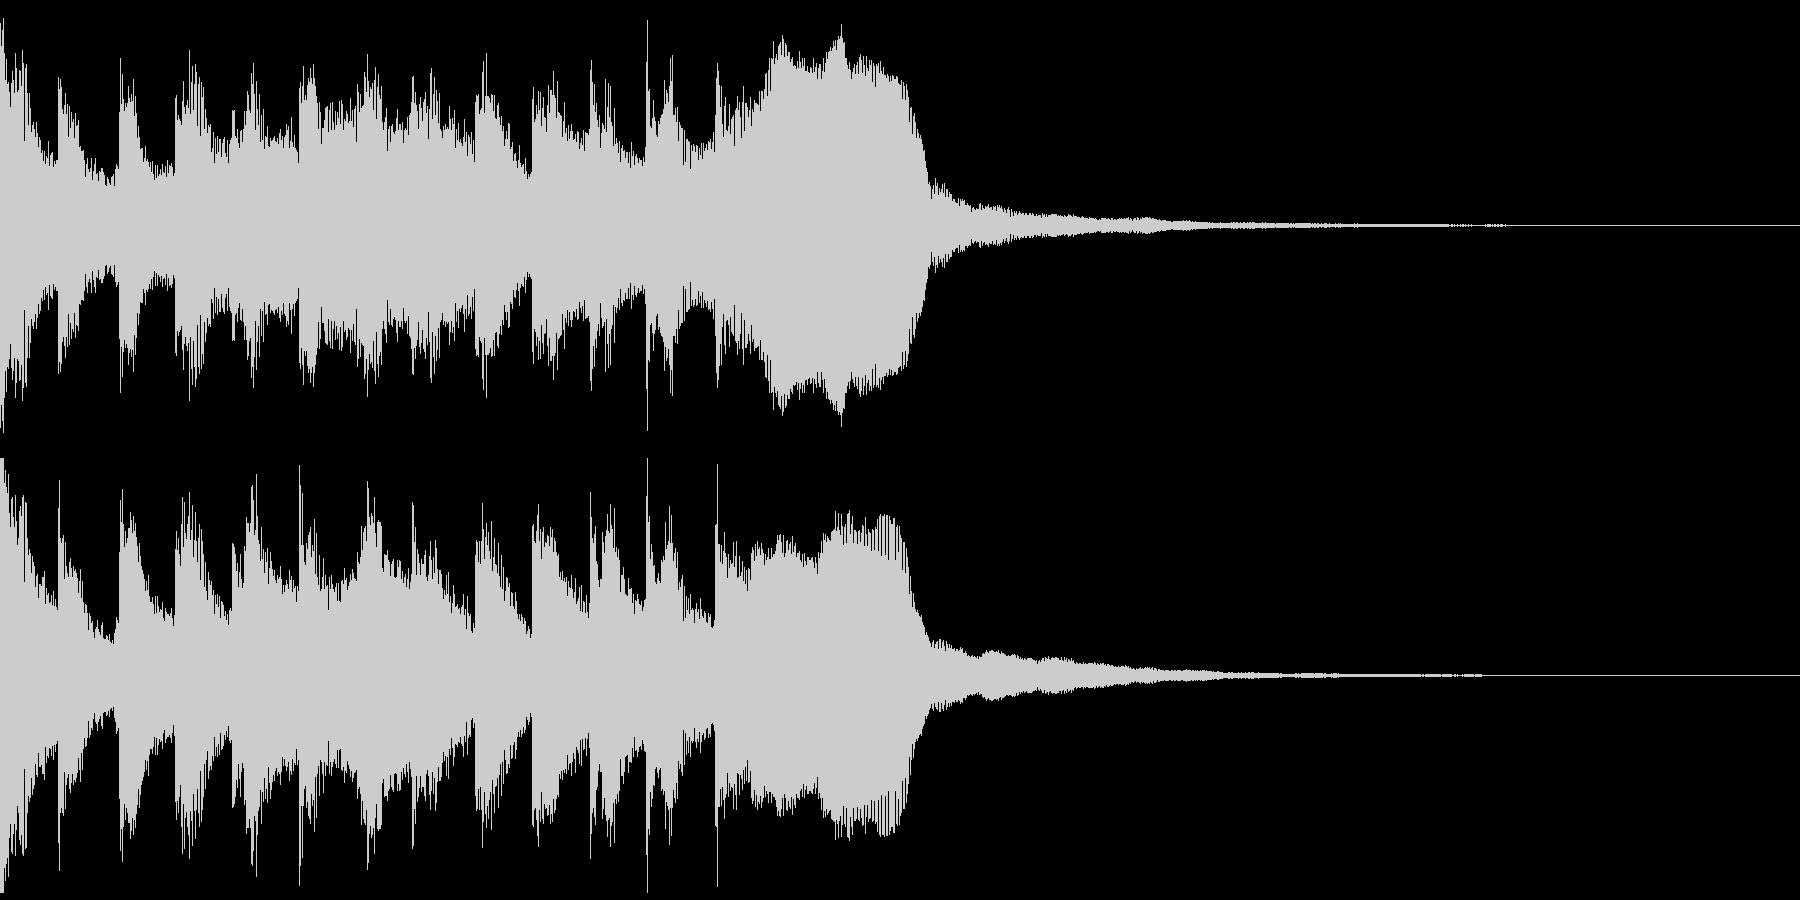 サウンドロゴ、ゴージャス感、verFの未再生の波形